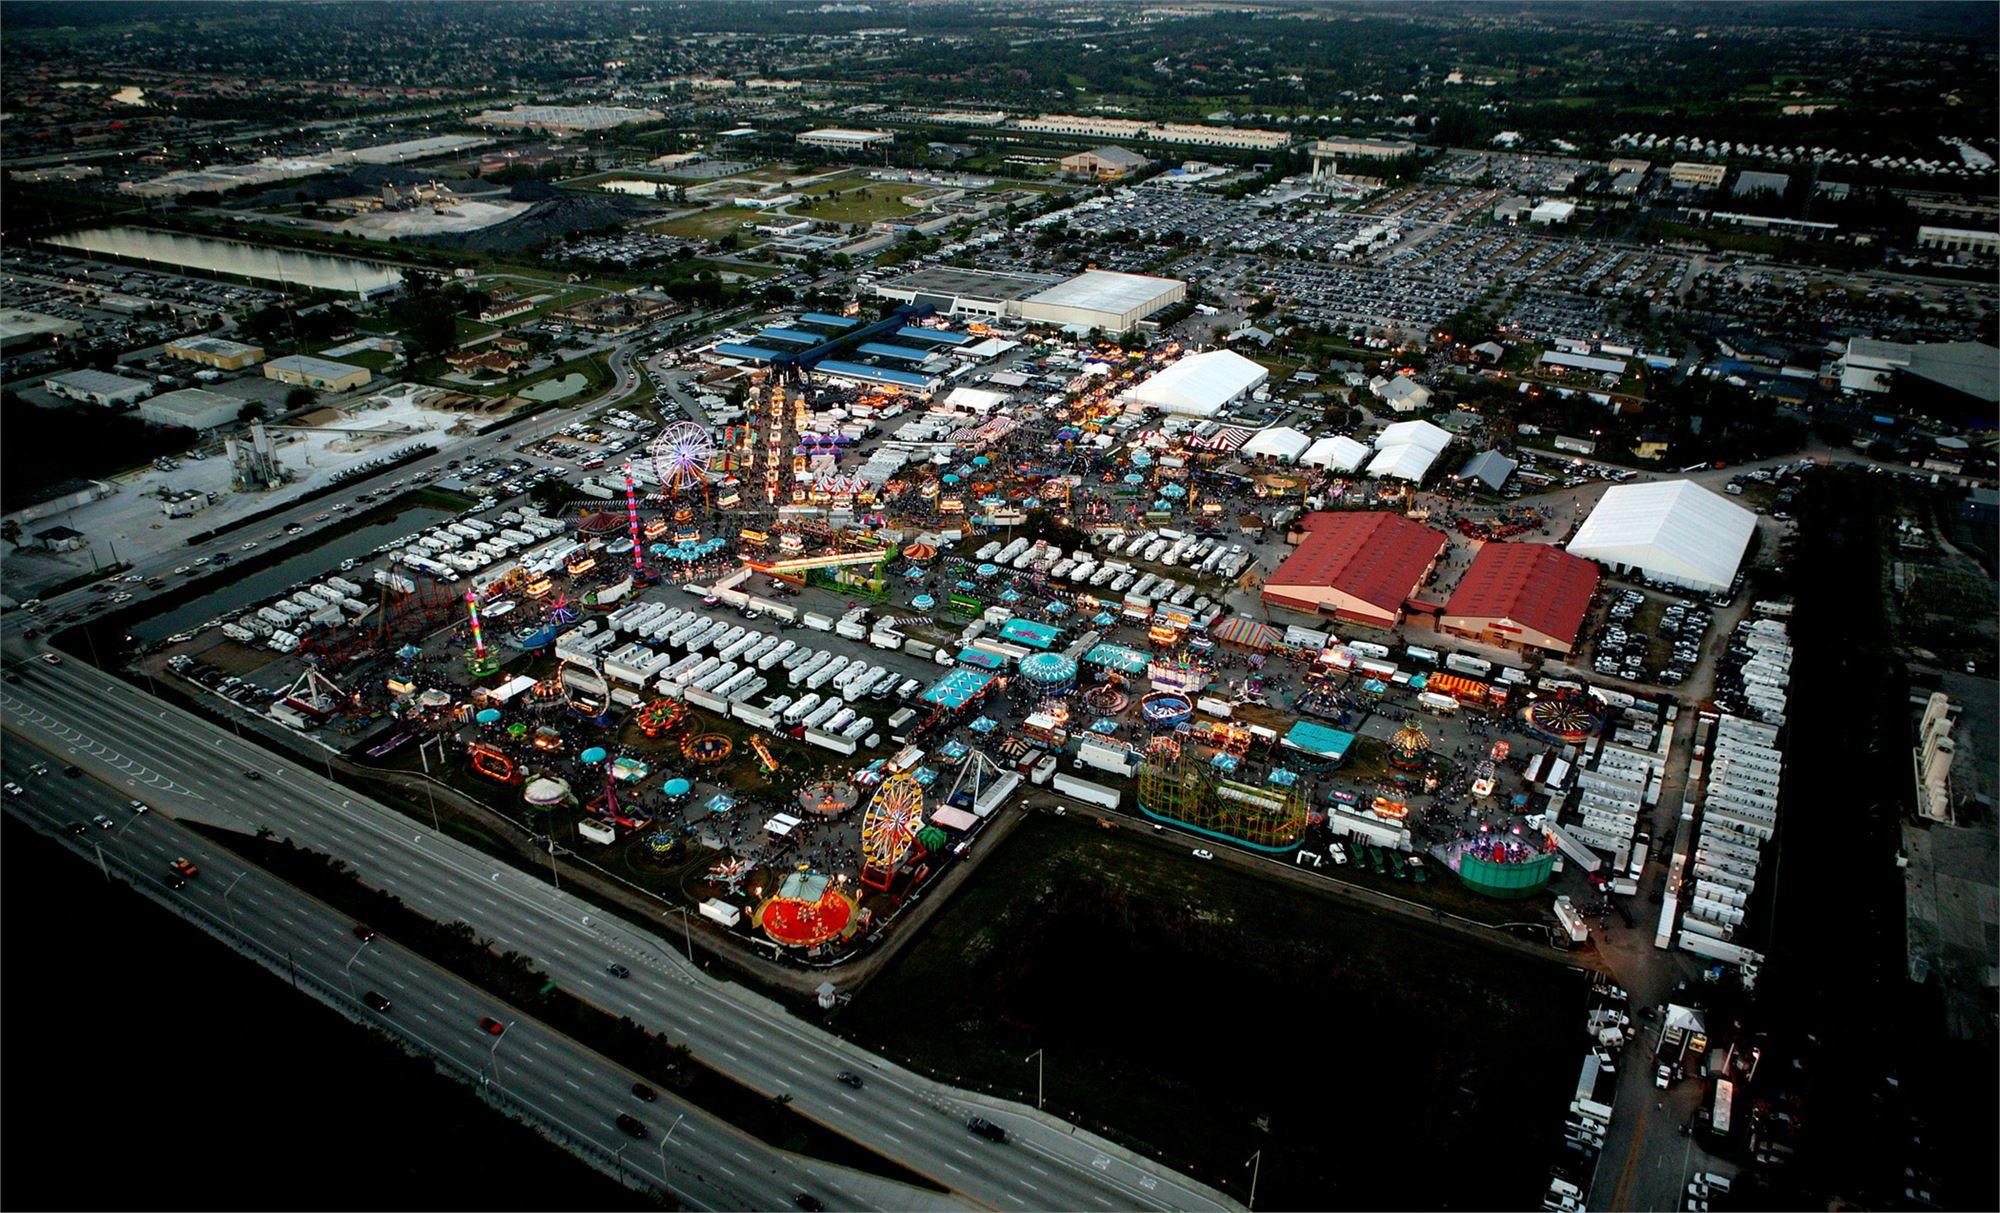 South Florida Fair   West Palm Beach, Fl   561.793.0333 Regarding South Florida Fair 2021